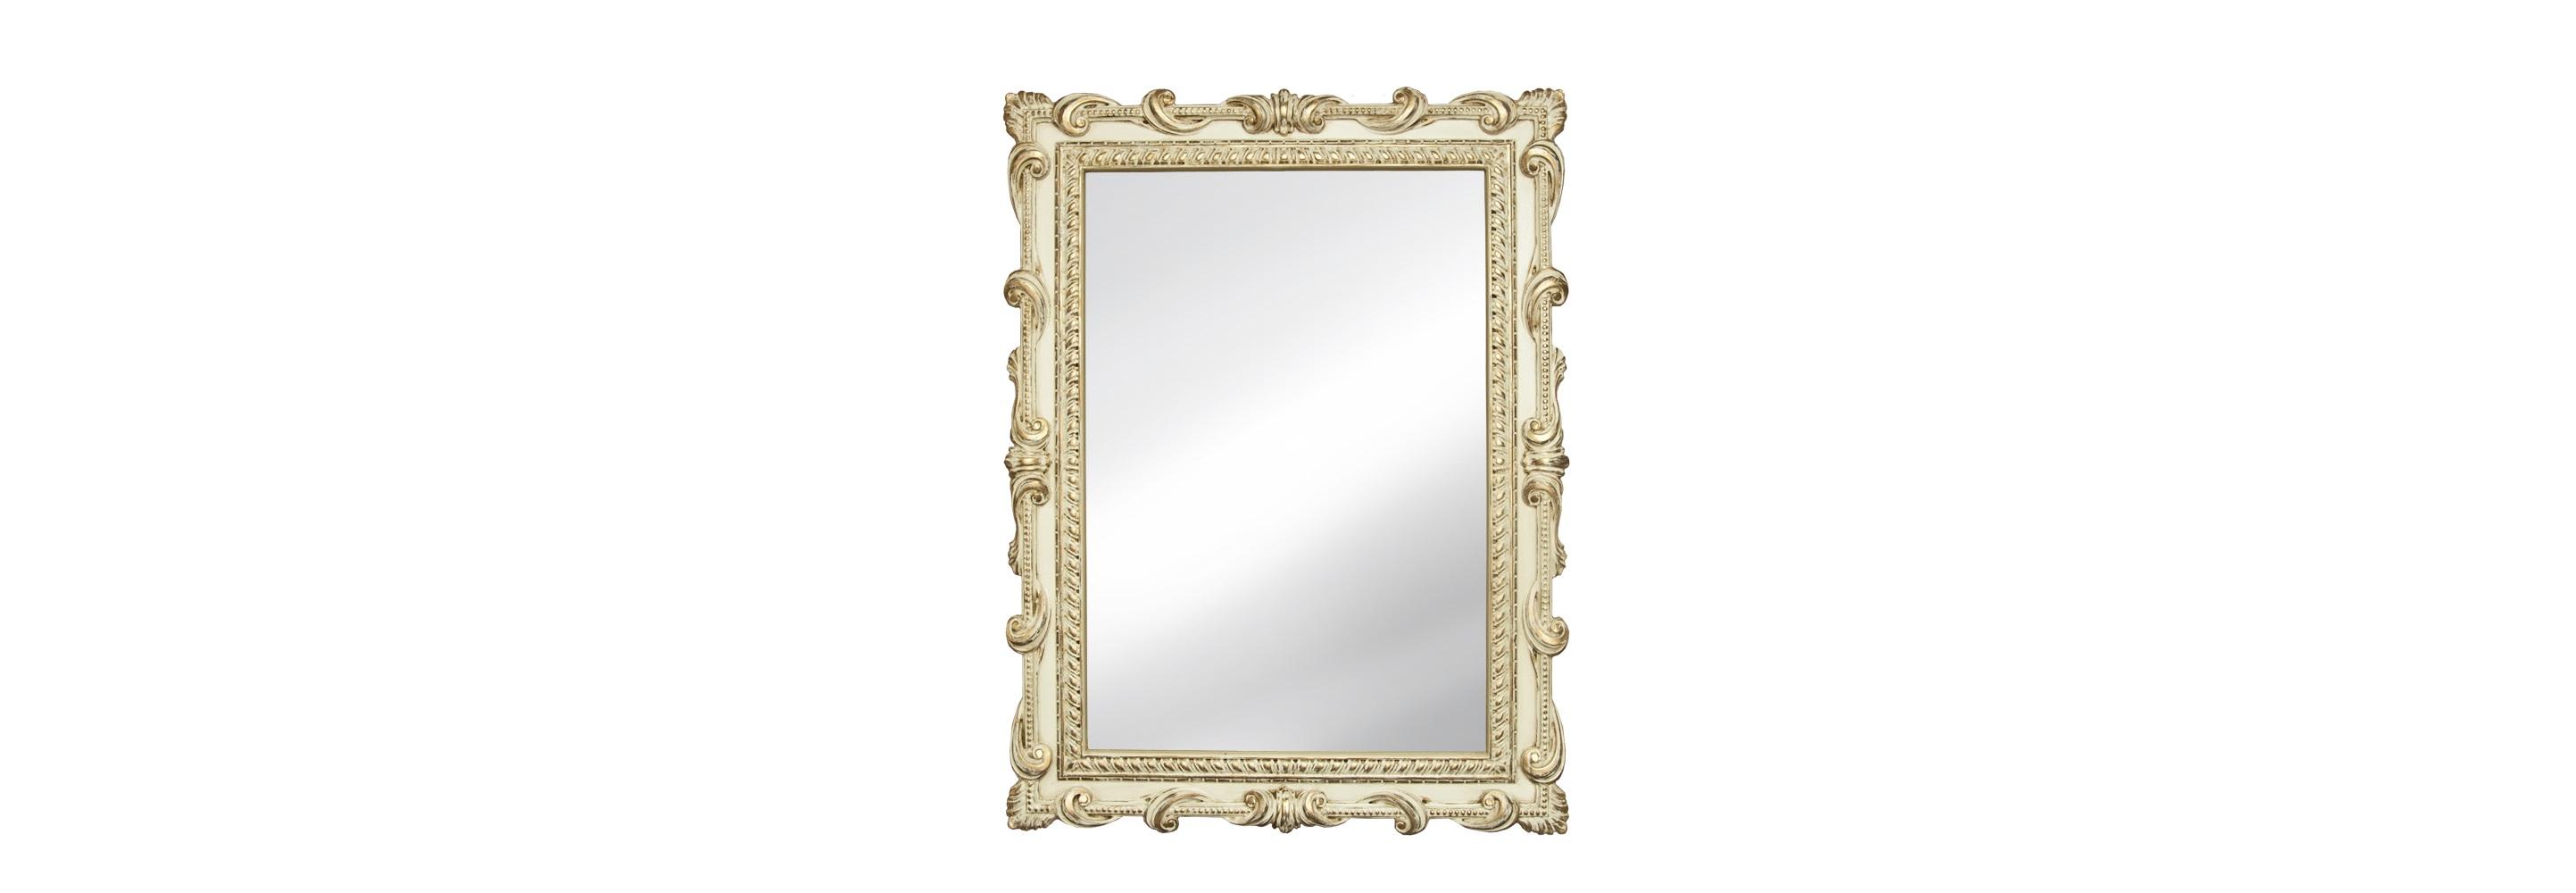 Зеркало ТЕНИАНастенные зеркала<br>&amp;lt;div&amp;gt;Прямоугольное зеркало в классическом стиле с изысканным резным обрамлением напоминает старинные предметы искусства. Однако выполнена рама из самых современных композитных материалов, а винтажного эффекта добились сложным окрашиванием и искусственным состариванием. Поверхность полиуретана очень прочна, не боится влаги, поэтому зеркало можно использовать в ванной комнате.&amp;lt;/div&amp;gt;&amp;lt;div&amp;gt;&amp;lt;br&amp;gt;&amp;lt;/div&amp;gt;&amp;lt;div&amp;gt;Цвет:&amp;amp;nbsp;Слоновая кость Золото Патина&amp;lt;/div&amp;gt;<br><br>Material: Полиуретан<br>Length см: None<br>Width см: 72<br>Depth см: 4<br>Height см: 94